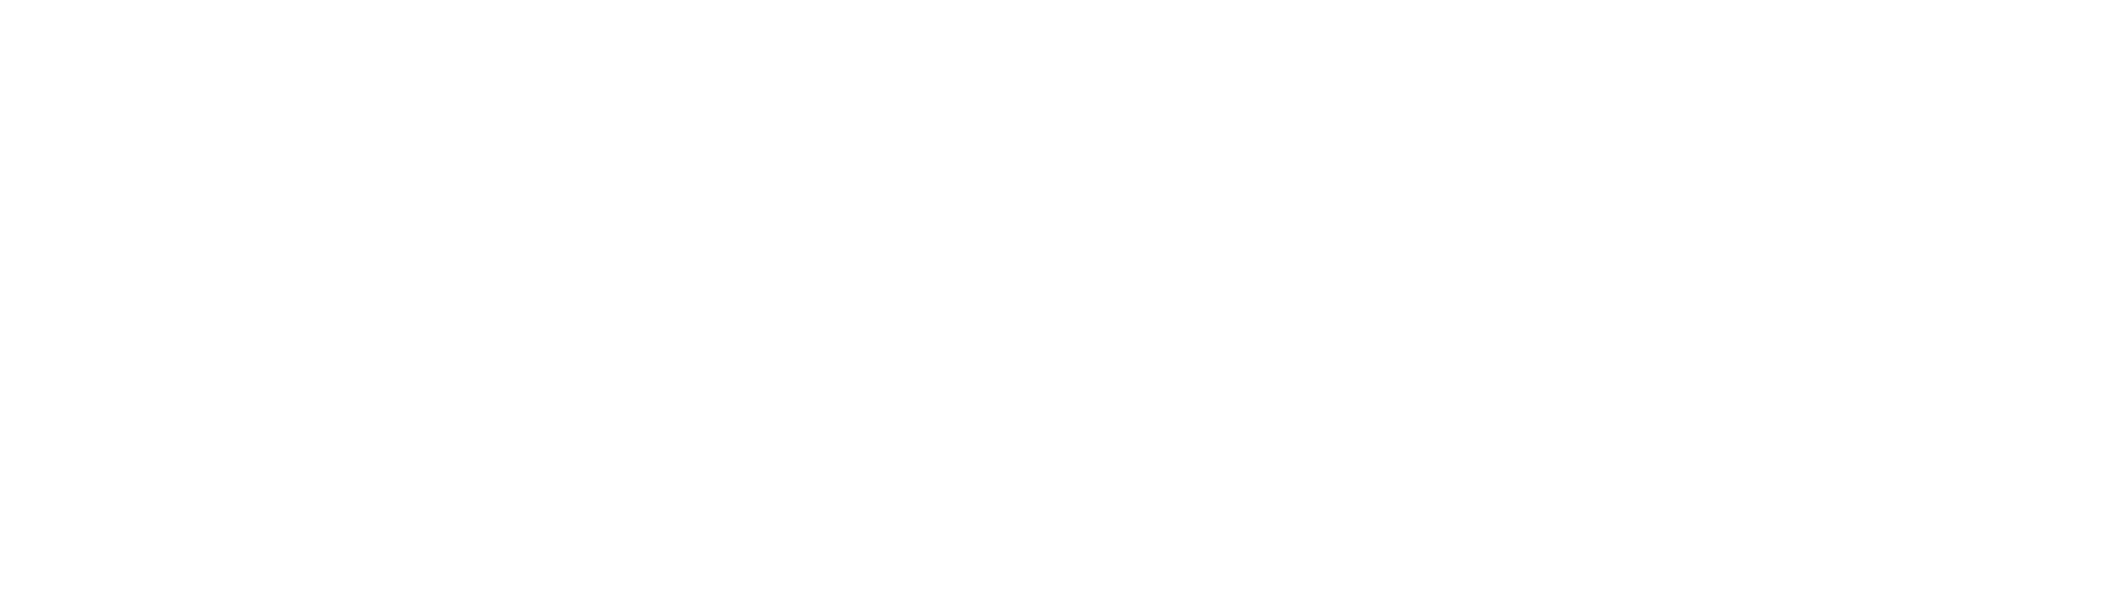 Turo logo white